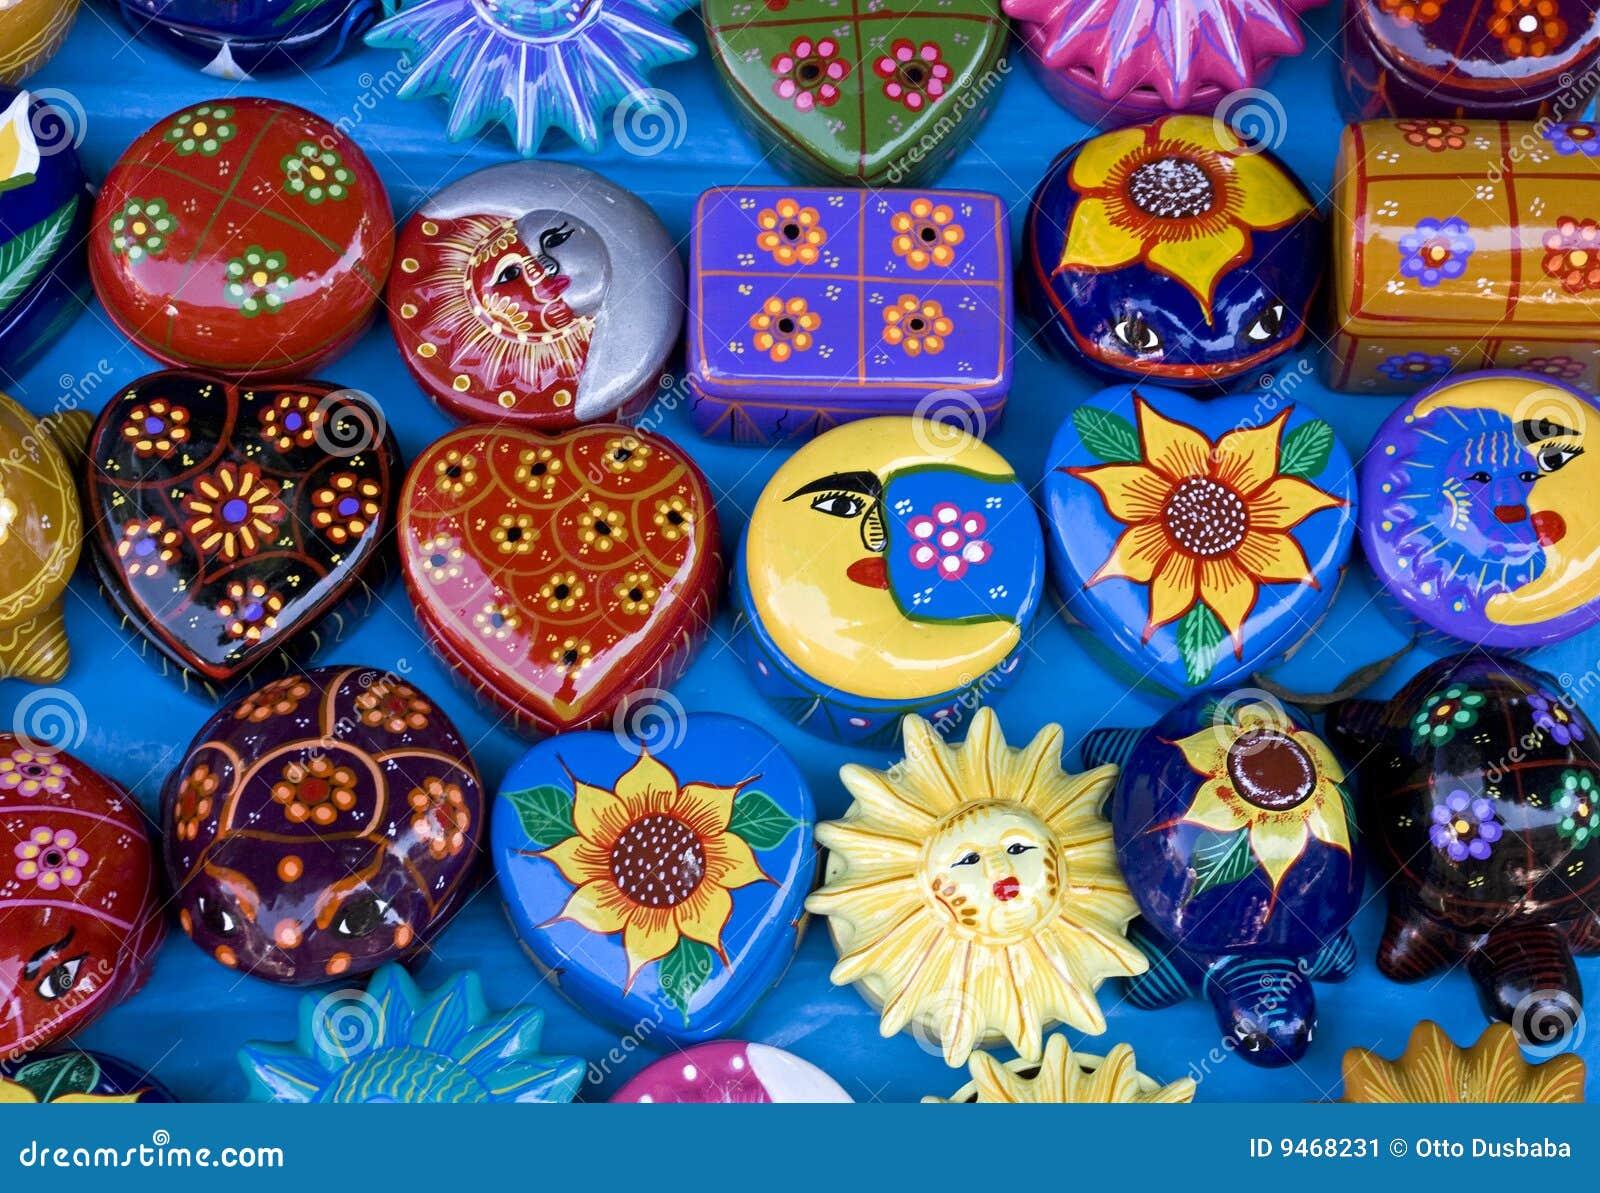 предметы глины ассортимента цветастые мексиканские